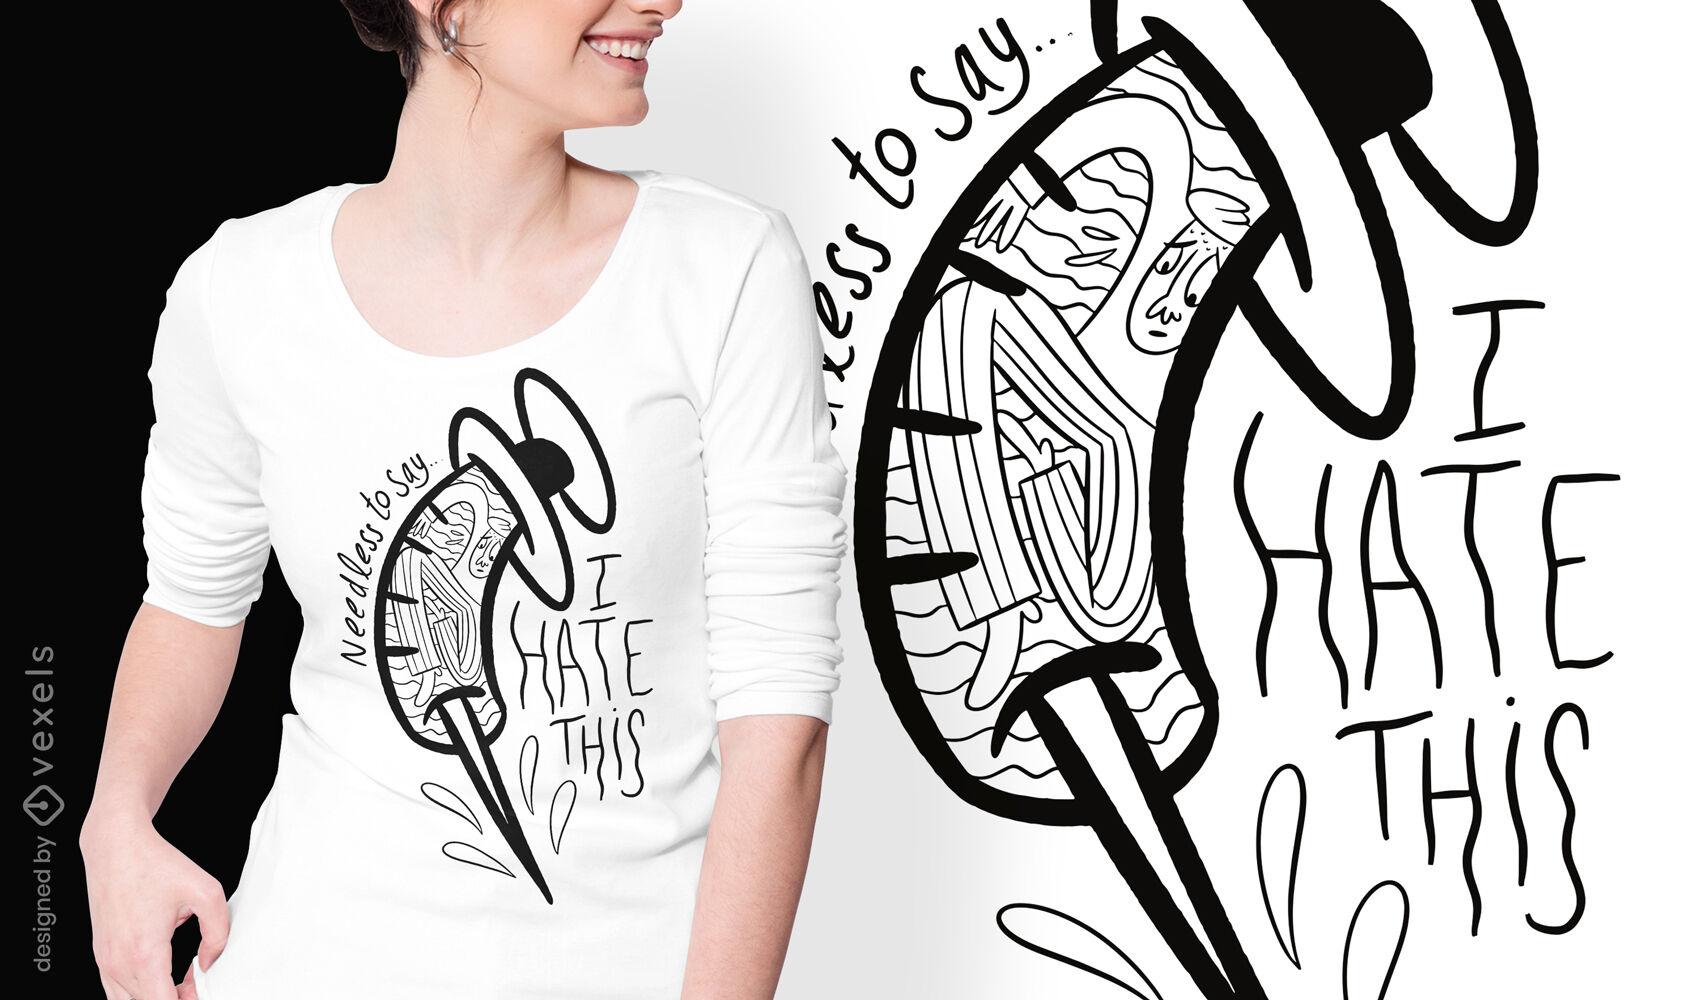 Medo de agulhas desenho de t-shirt